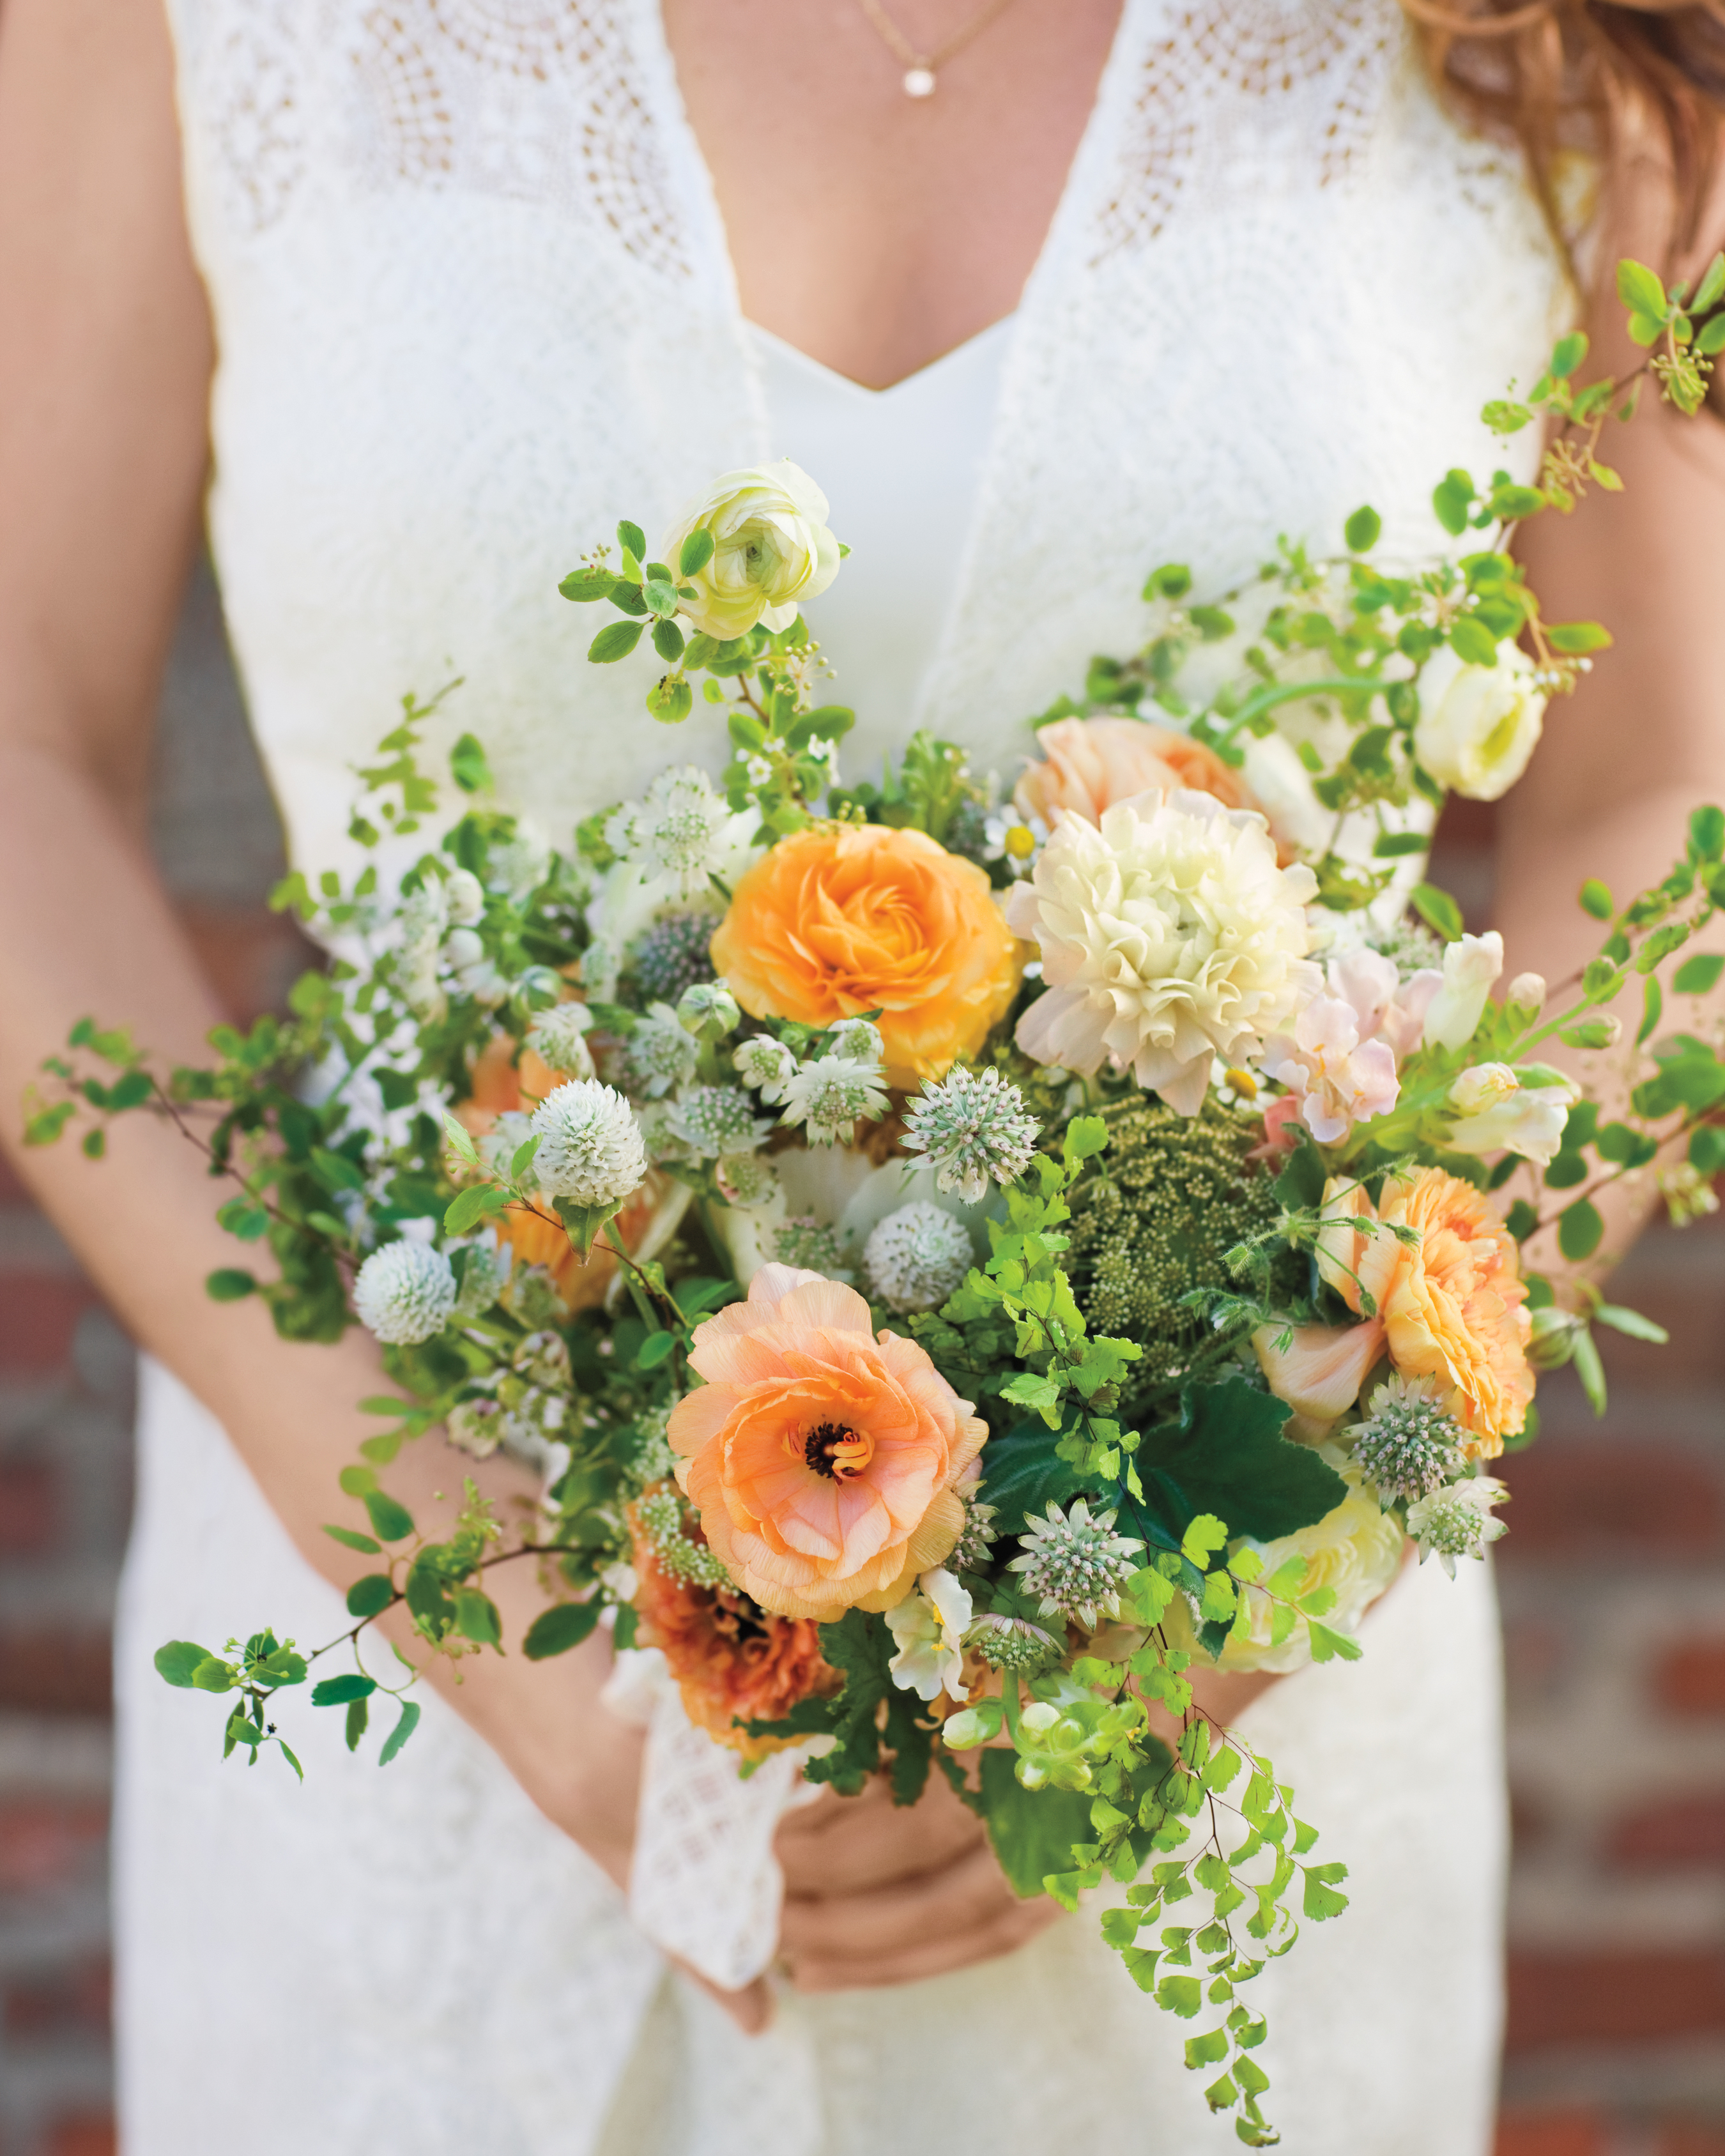 maggie-bryan-bouquet-0005-mwd108897.jpg